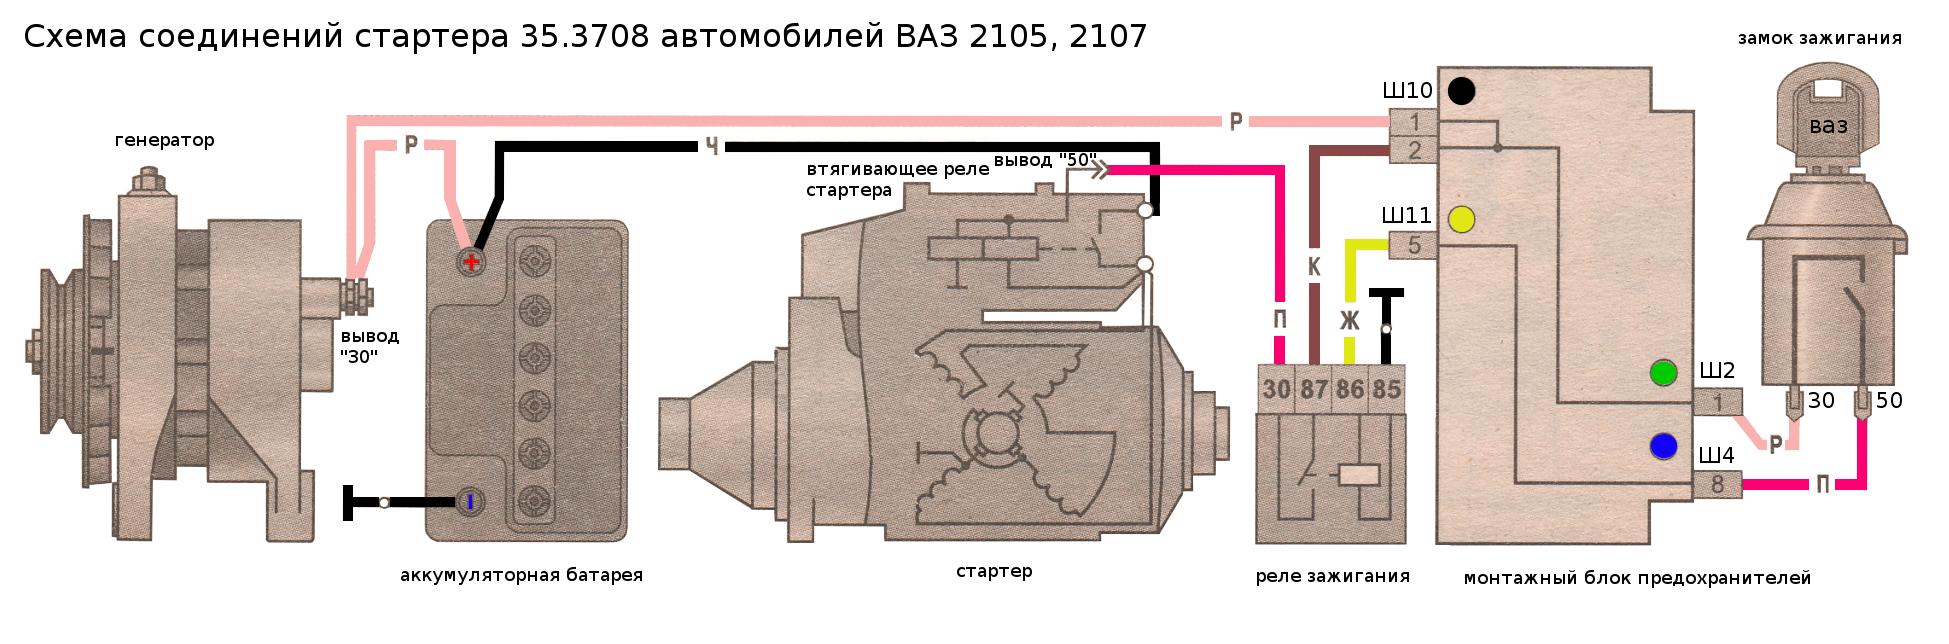 схема стартер 2105, 2107